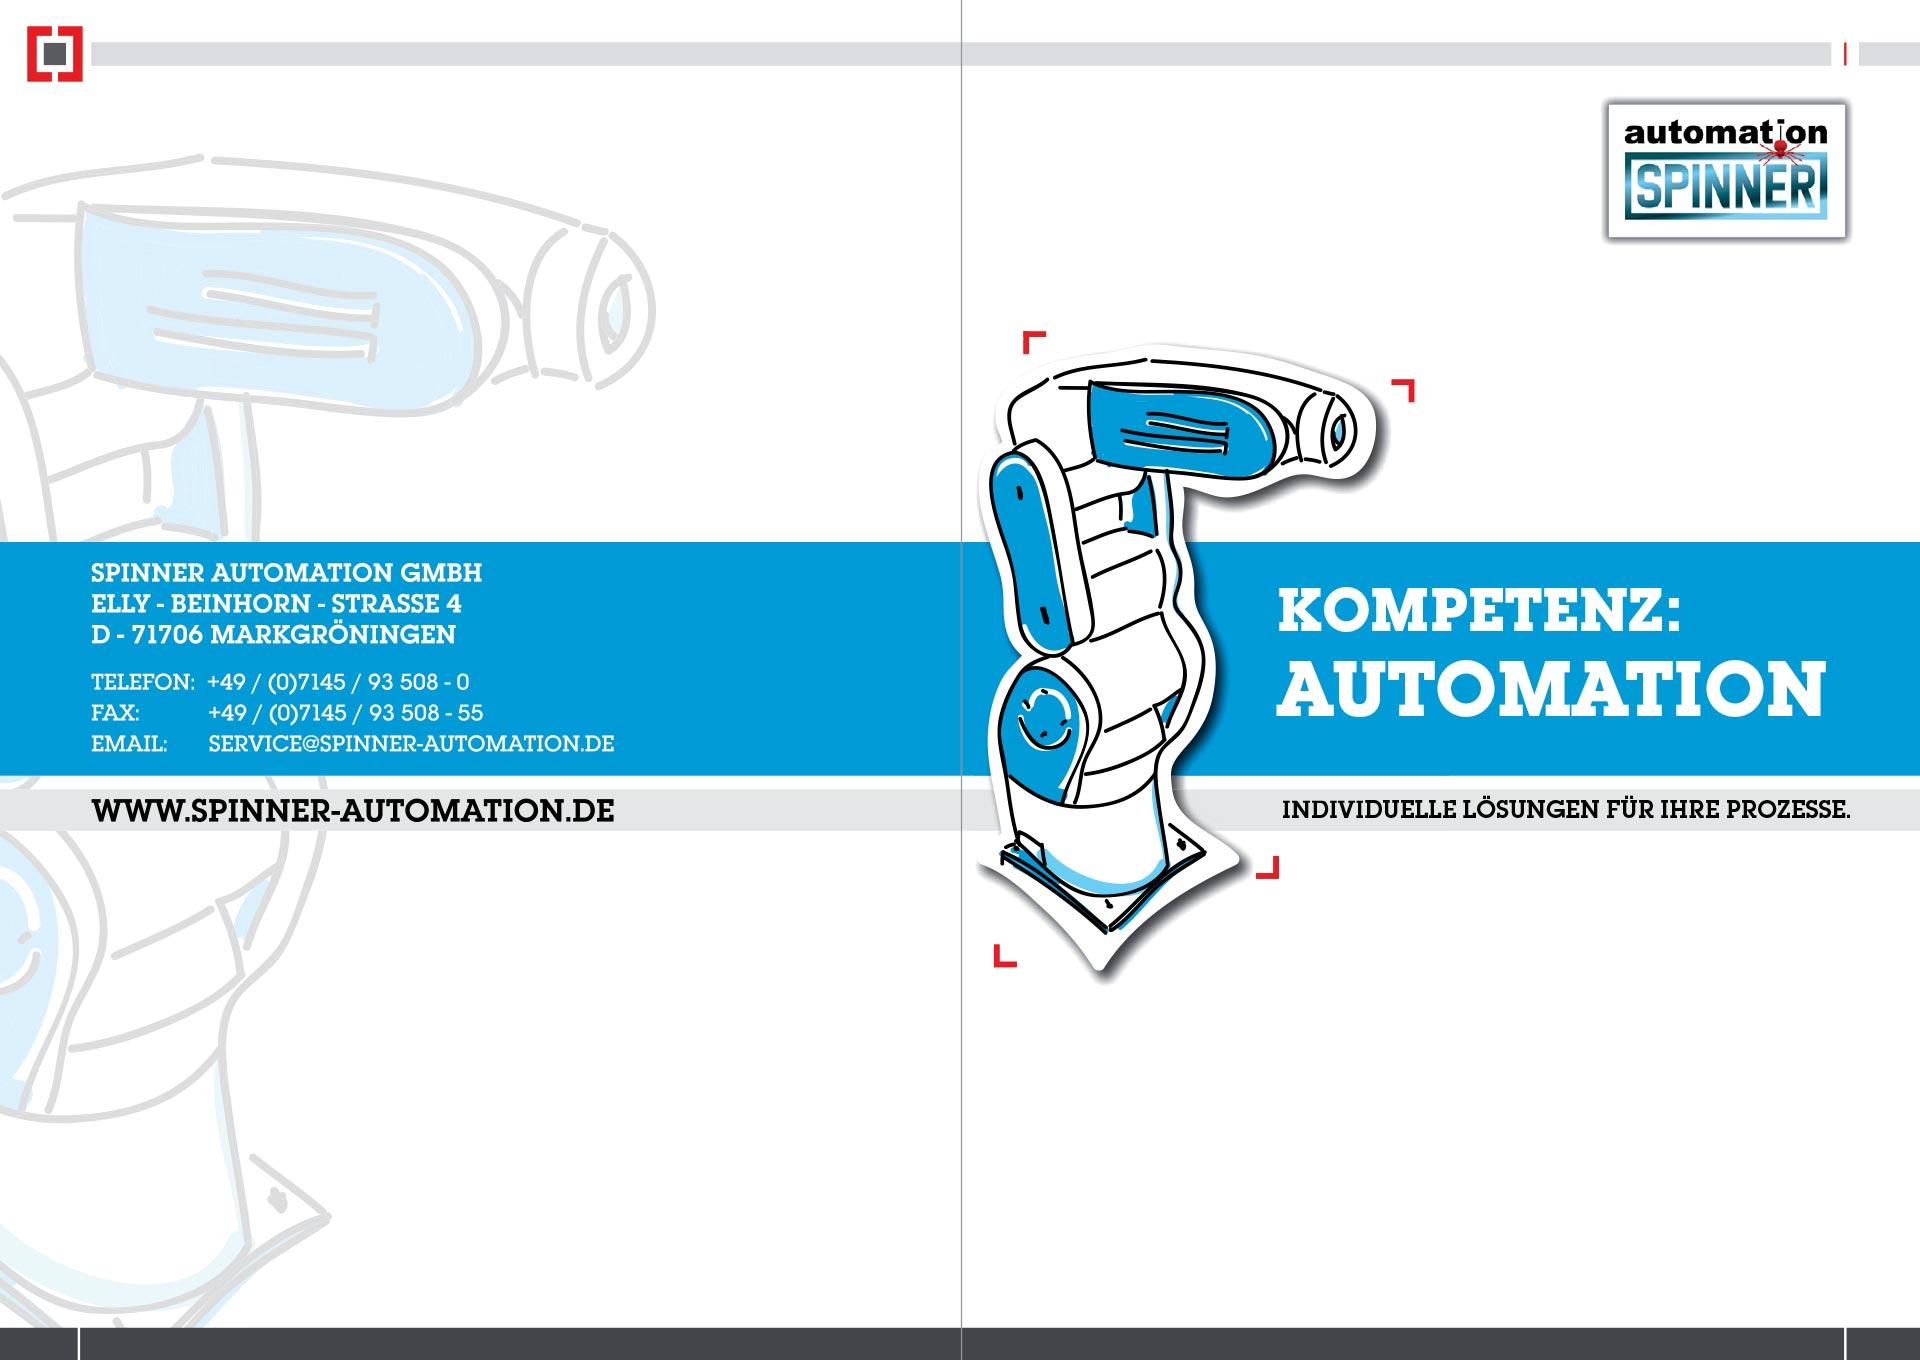 Spinner AG - Unternehmensbroschüre der Spinner automation